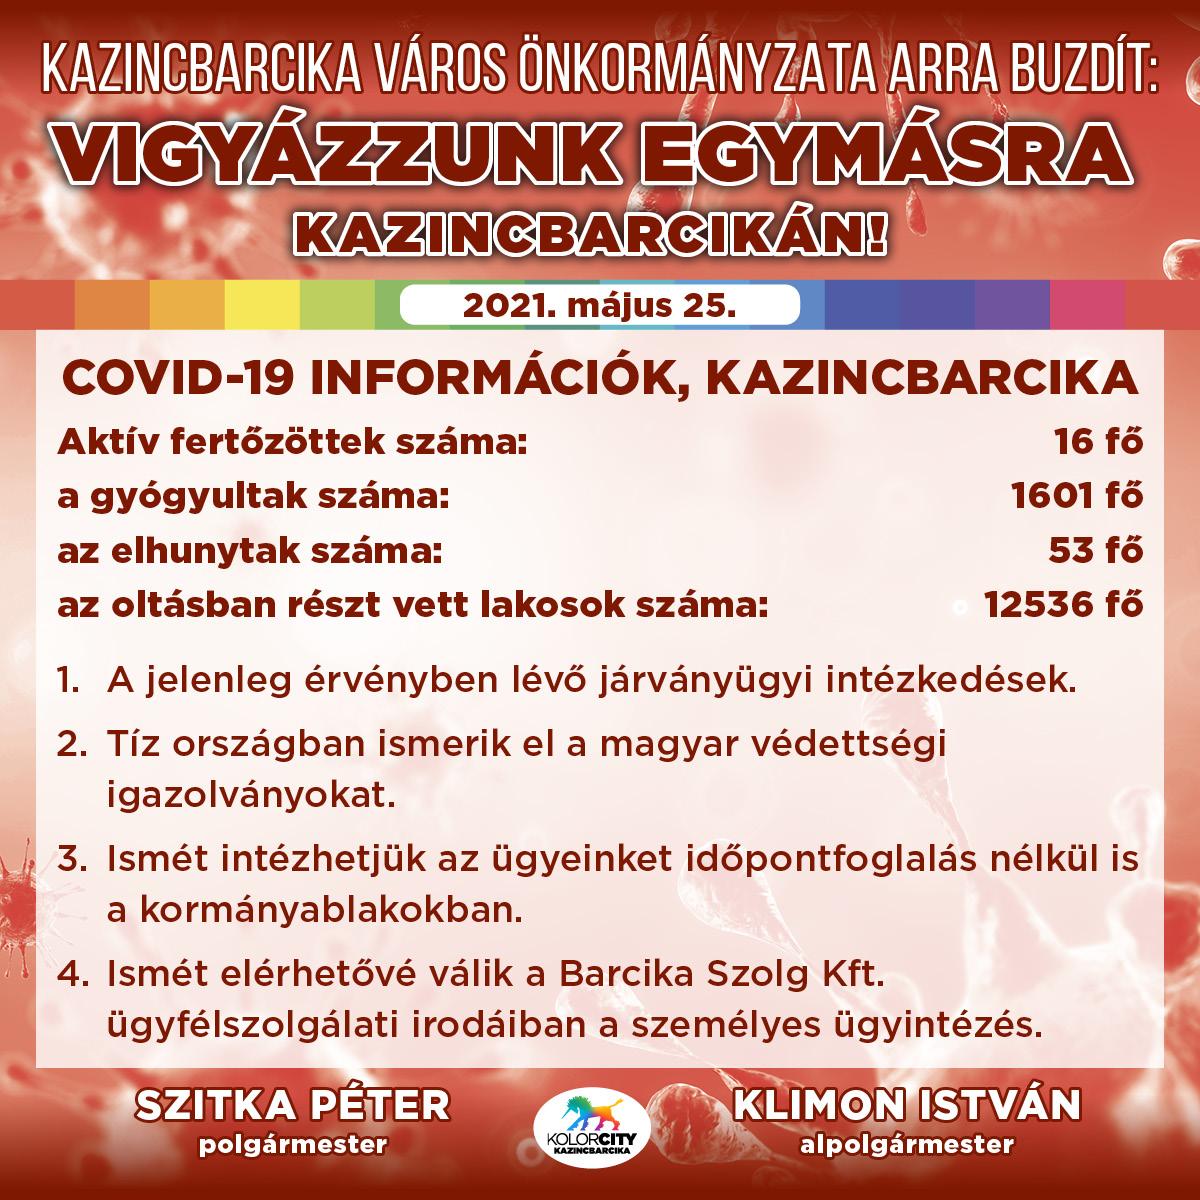 https://kolorline.hu/Vigyázzunk egymásra Kazincbarcikán! – 2021. május 25.